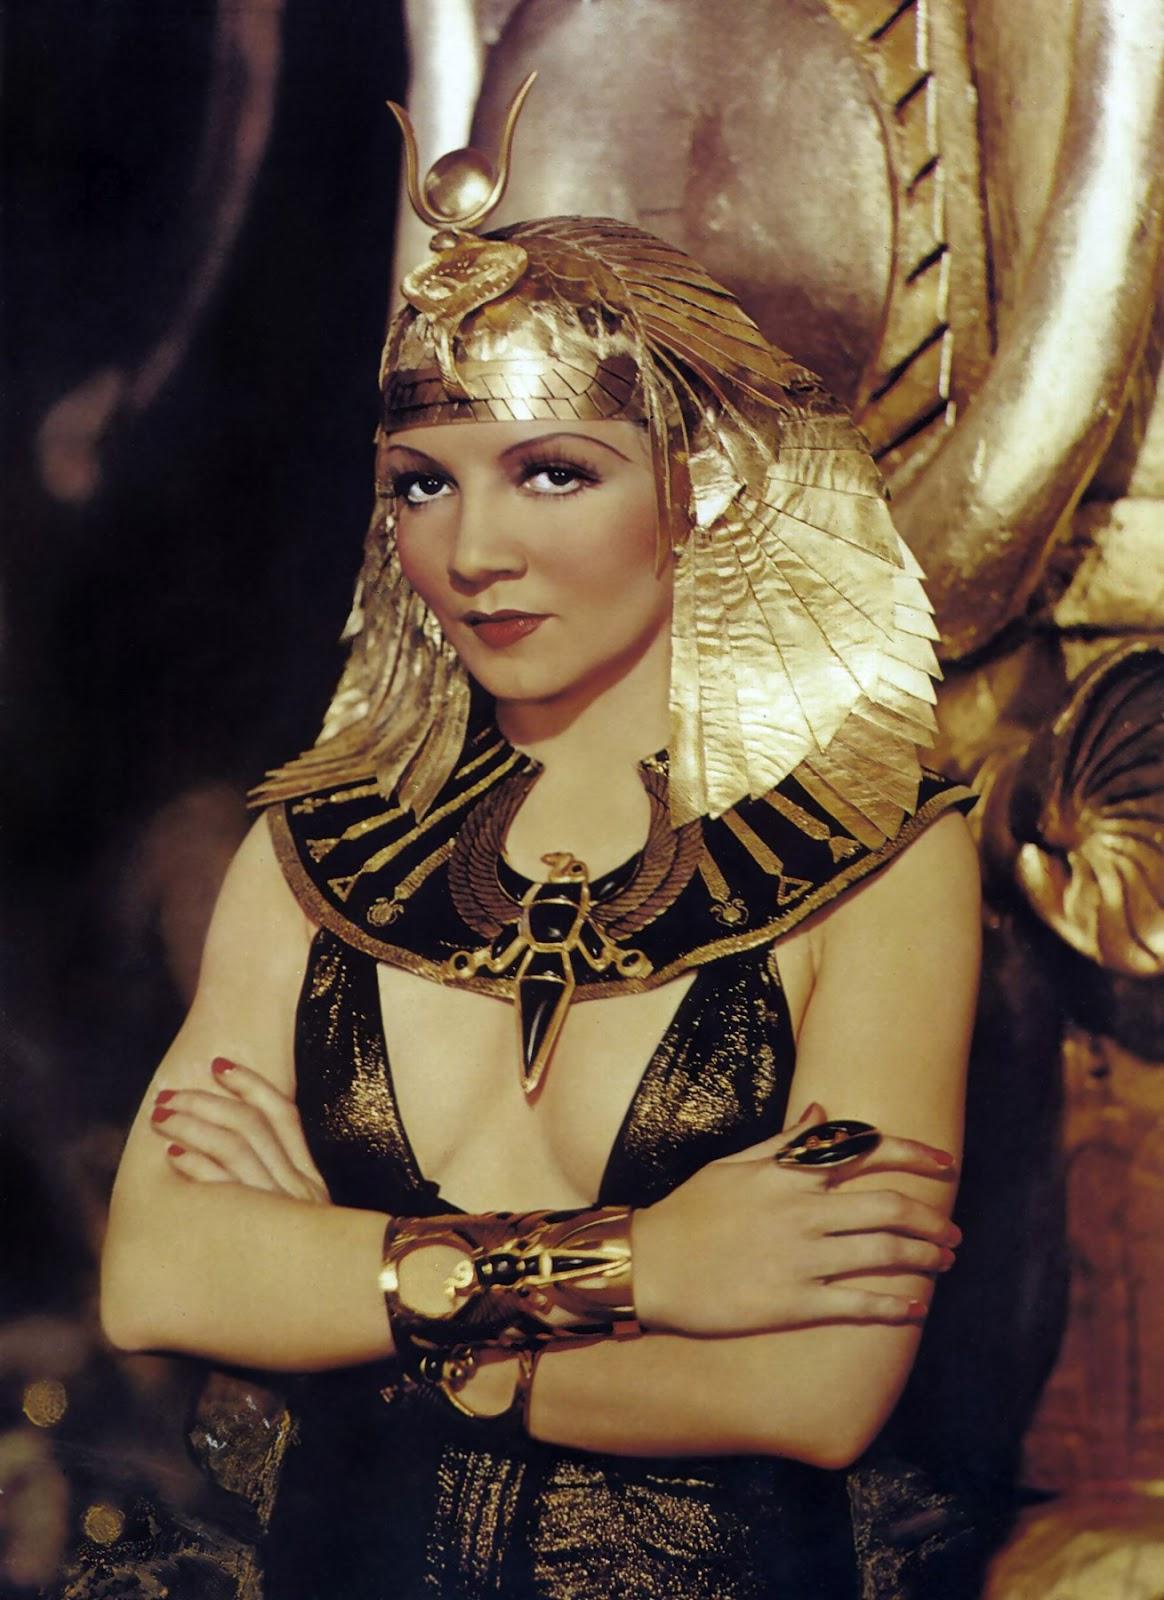 http://3.bp.blogspot.com/-sKVo-oENNGY/UBCeGWJqwlI/AAAAAAAABI8/eGdTB5AHvVo/s1600/Annex+-+Colbert,+Claudette+%28Cleopatra%29_01.jpg